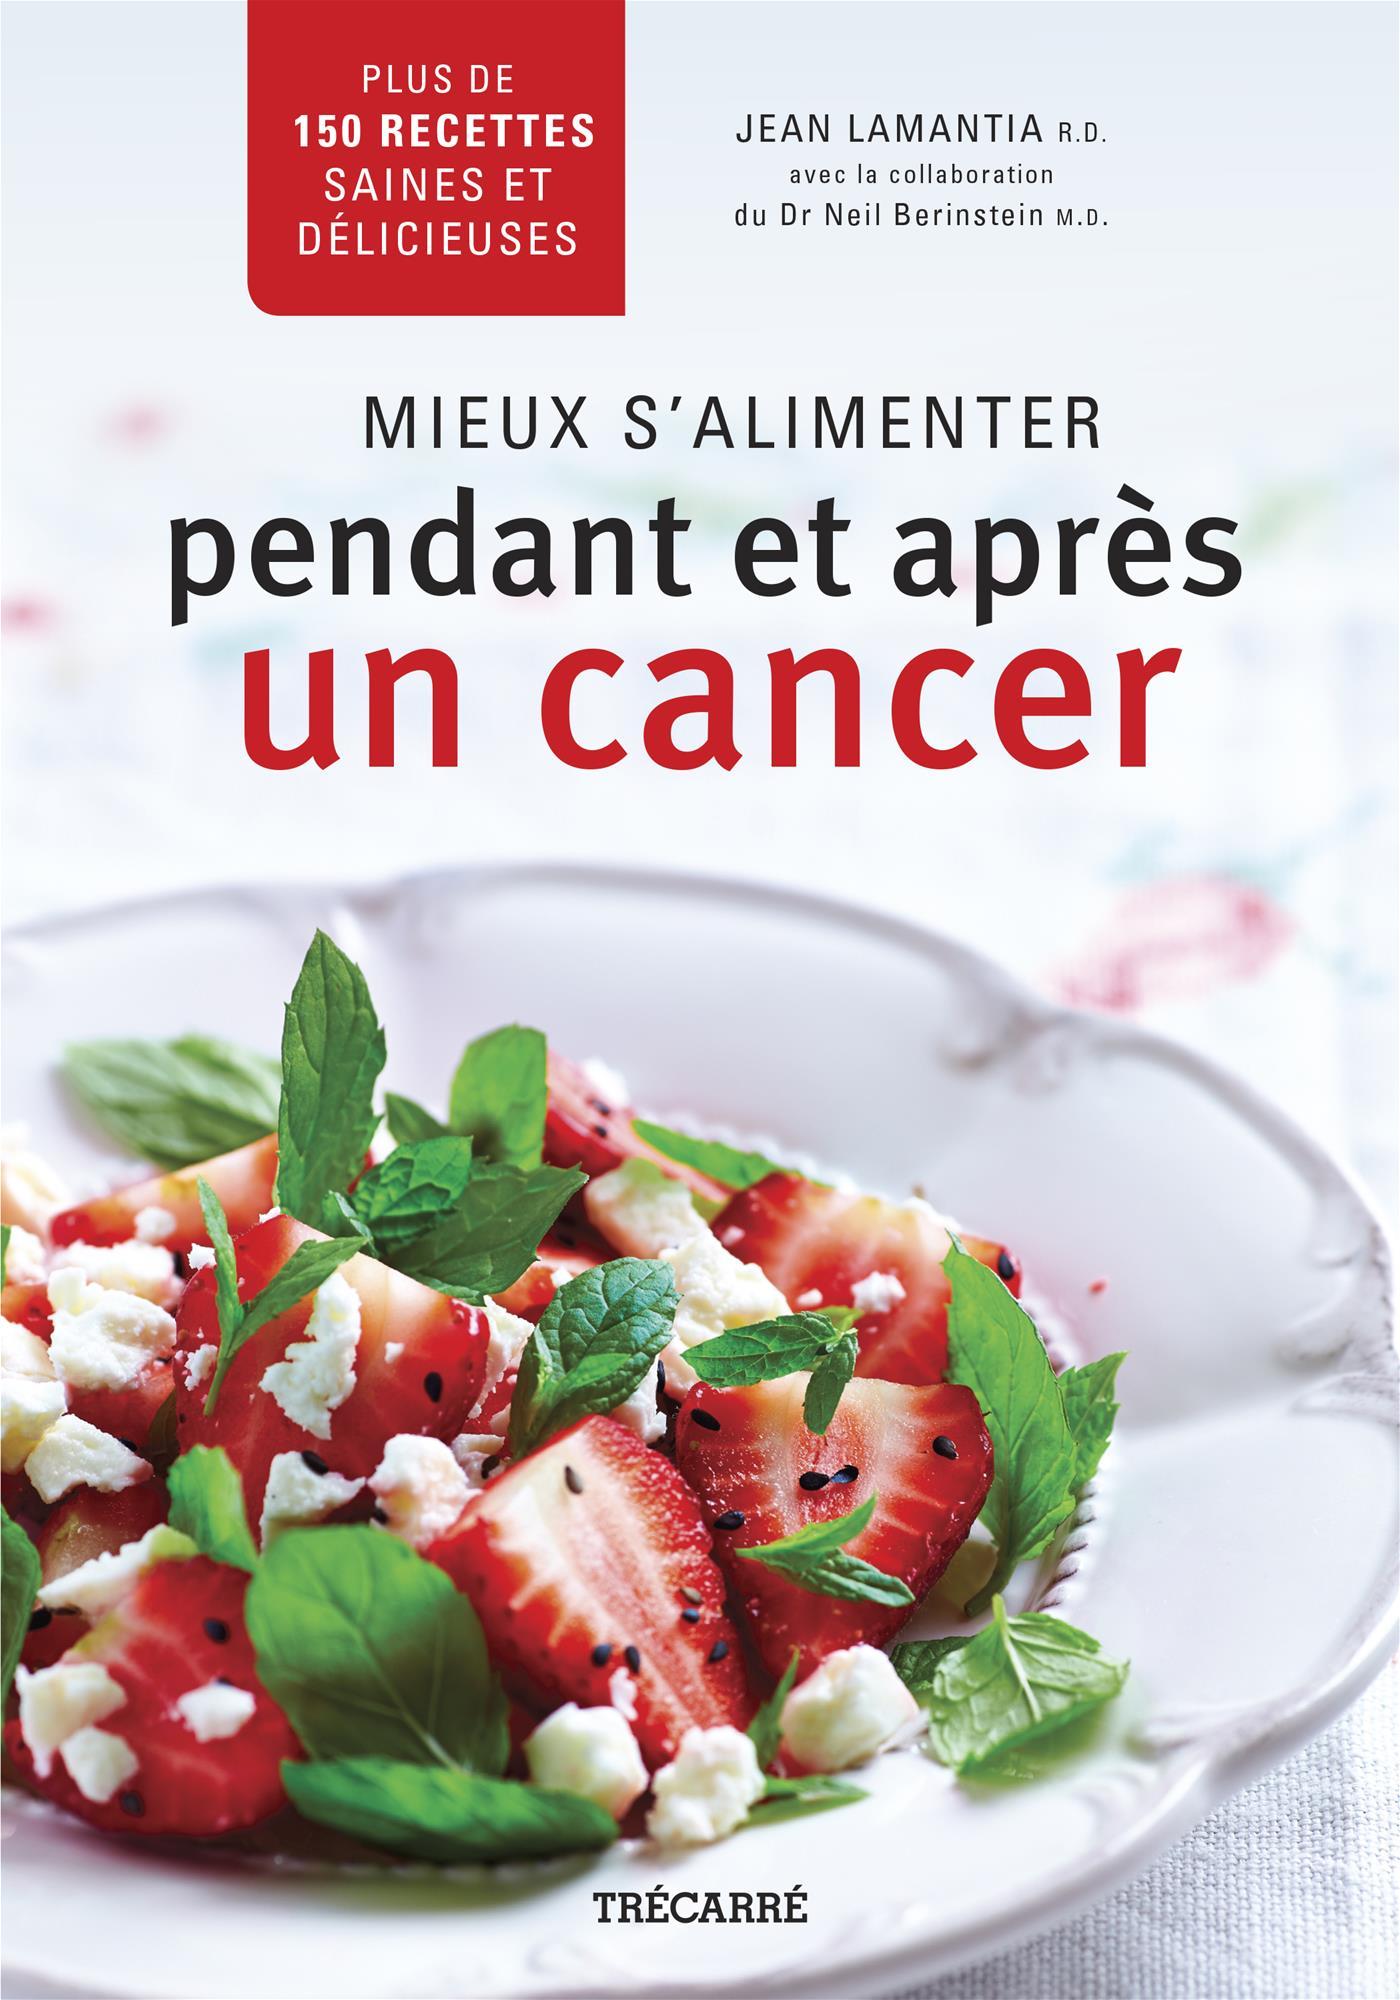 Mieux s'alimenter pendant et après un cancer